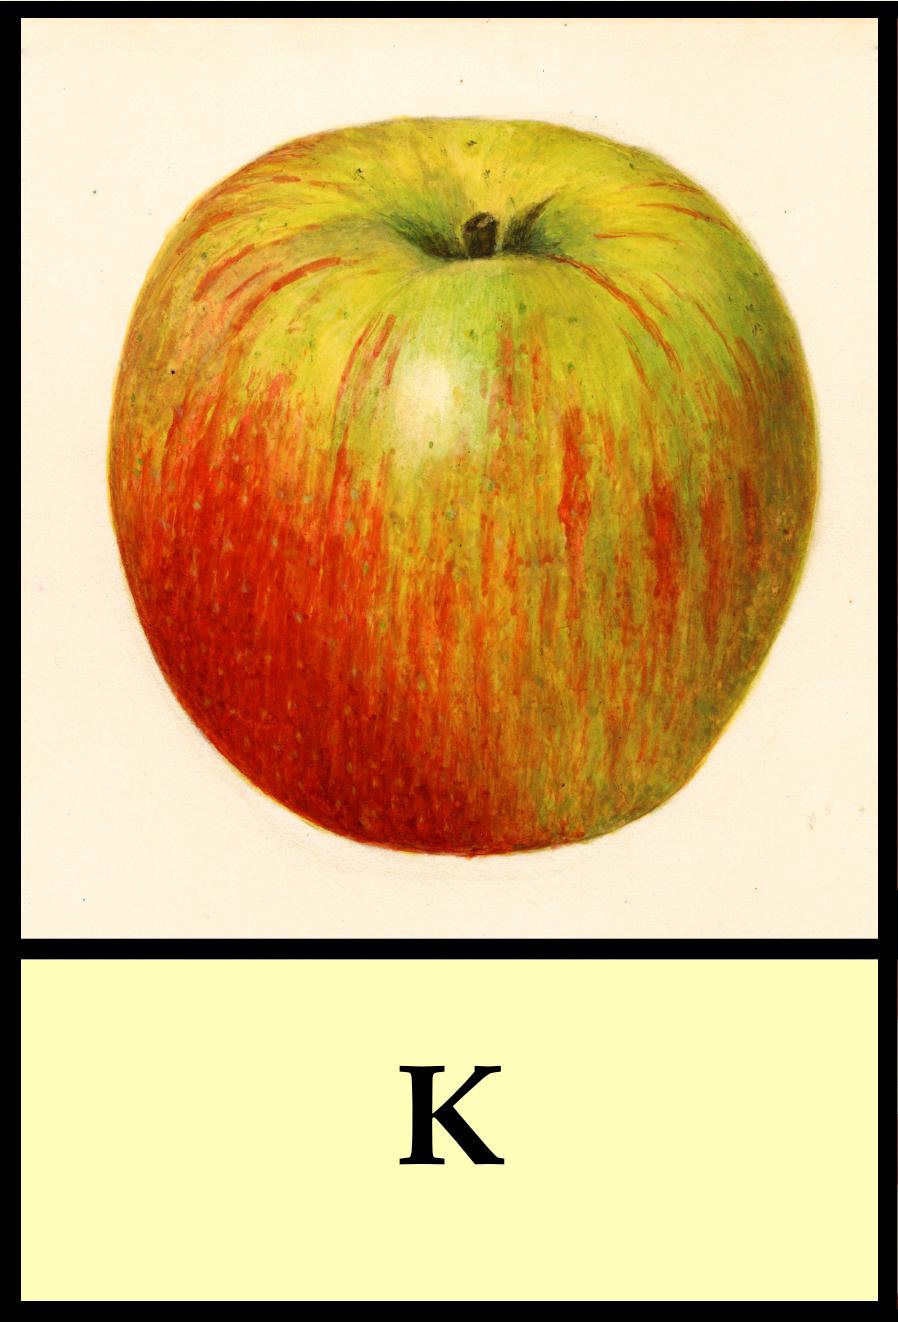 K apples